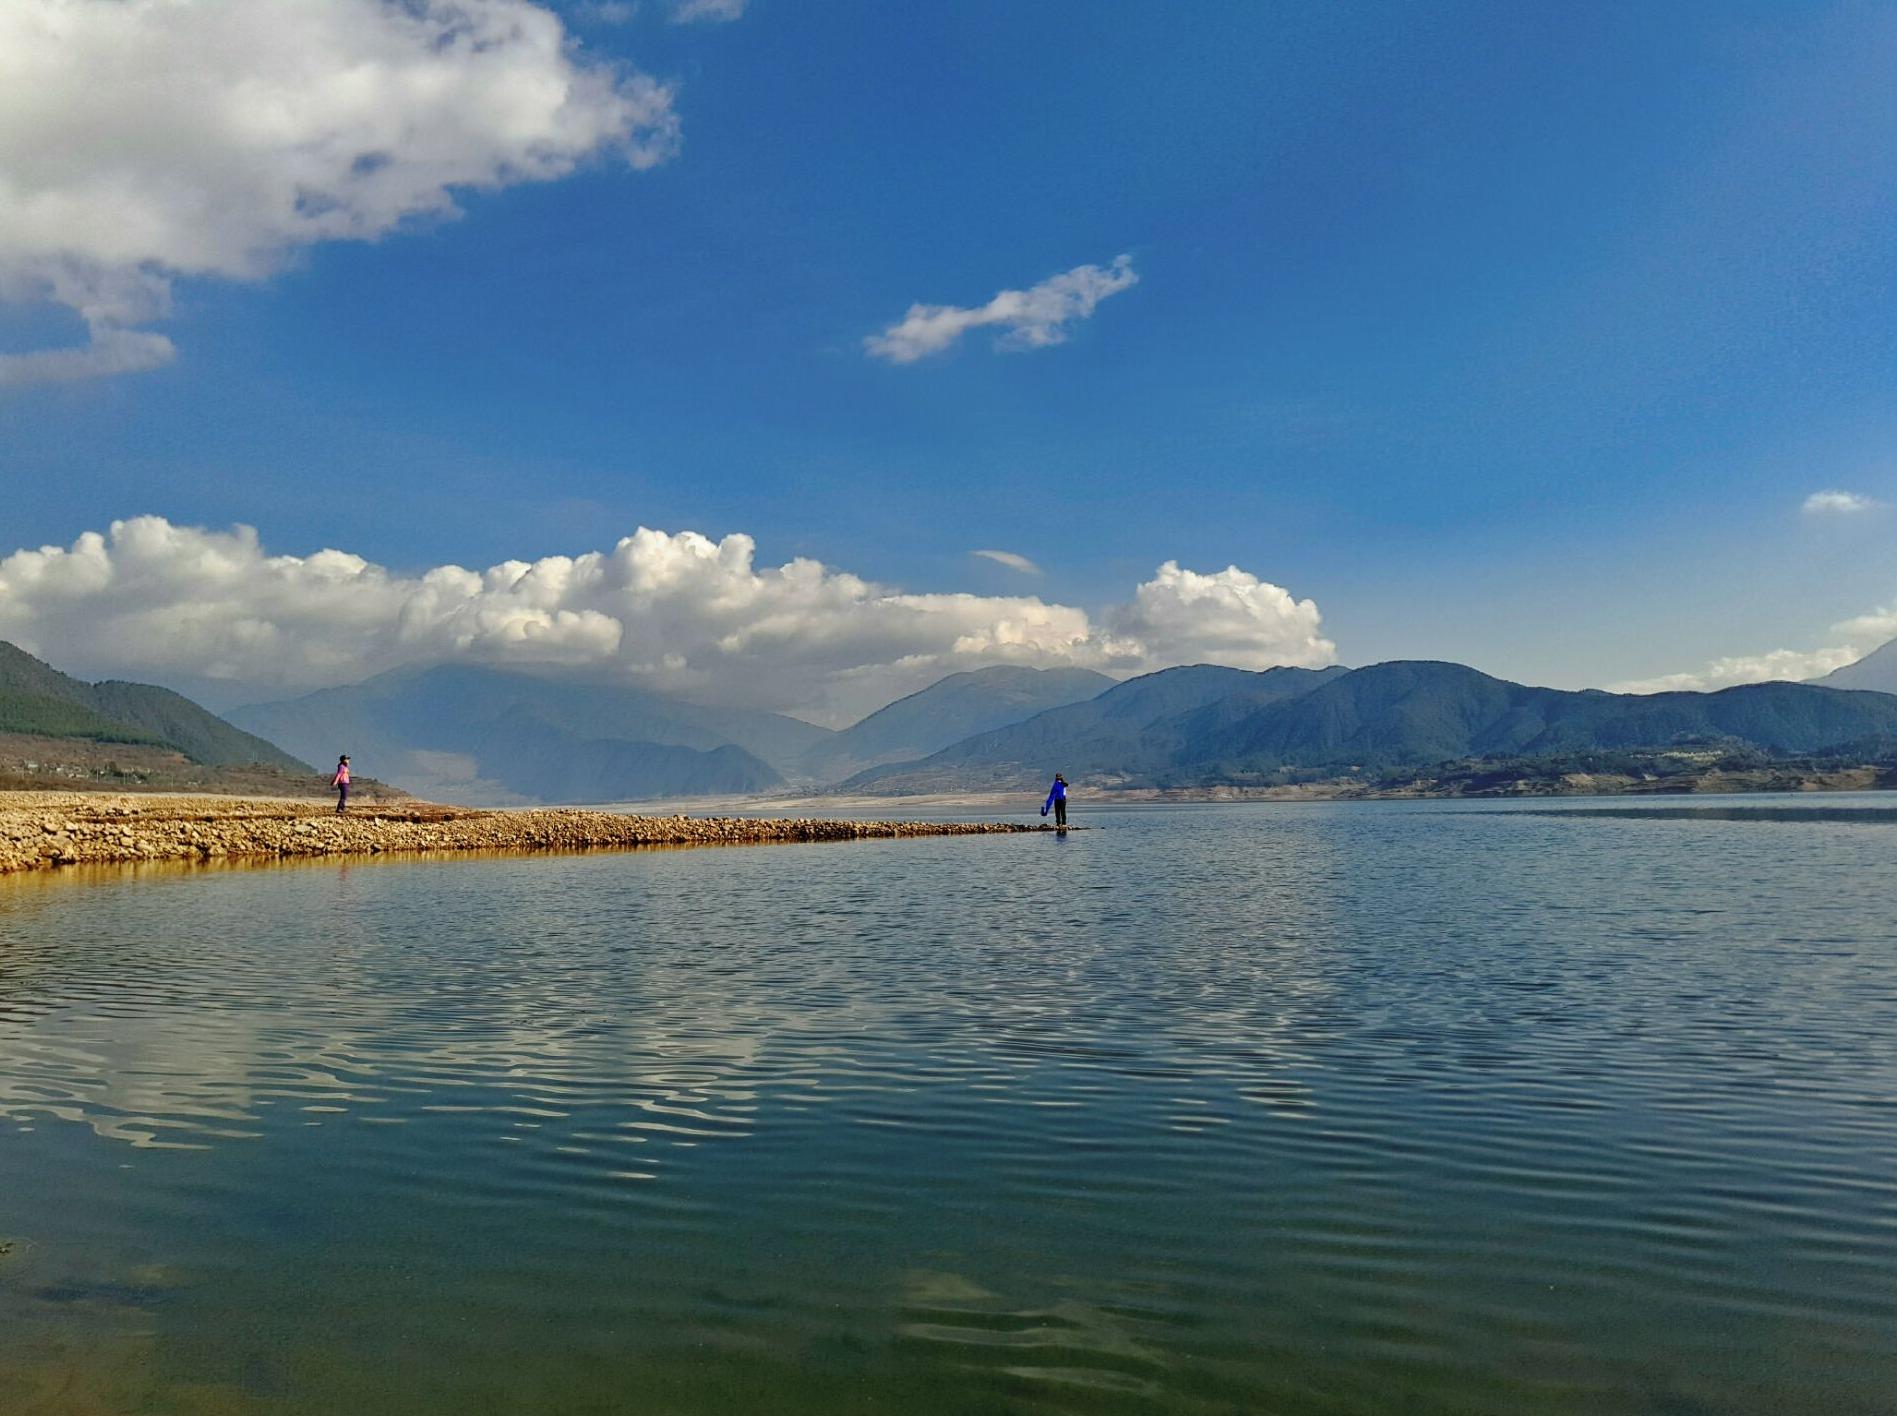 最美穿越:大桥穿越冶勒湖(湖泊、杜鹃花)